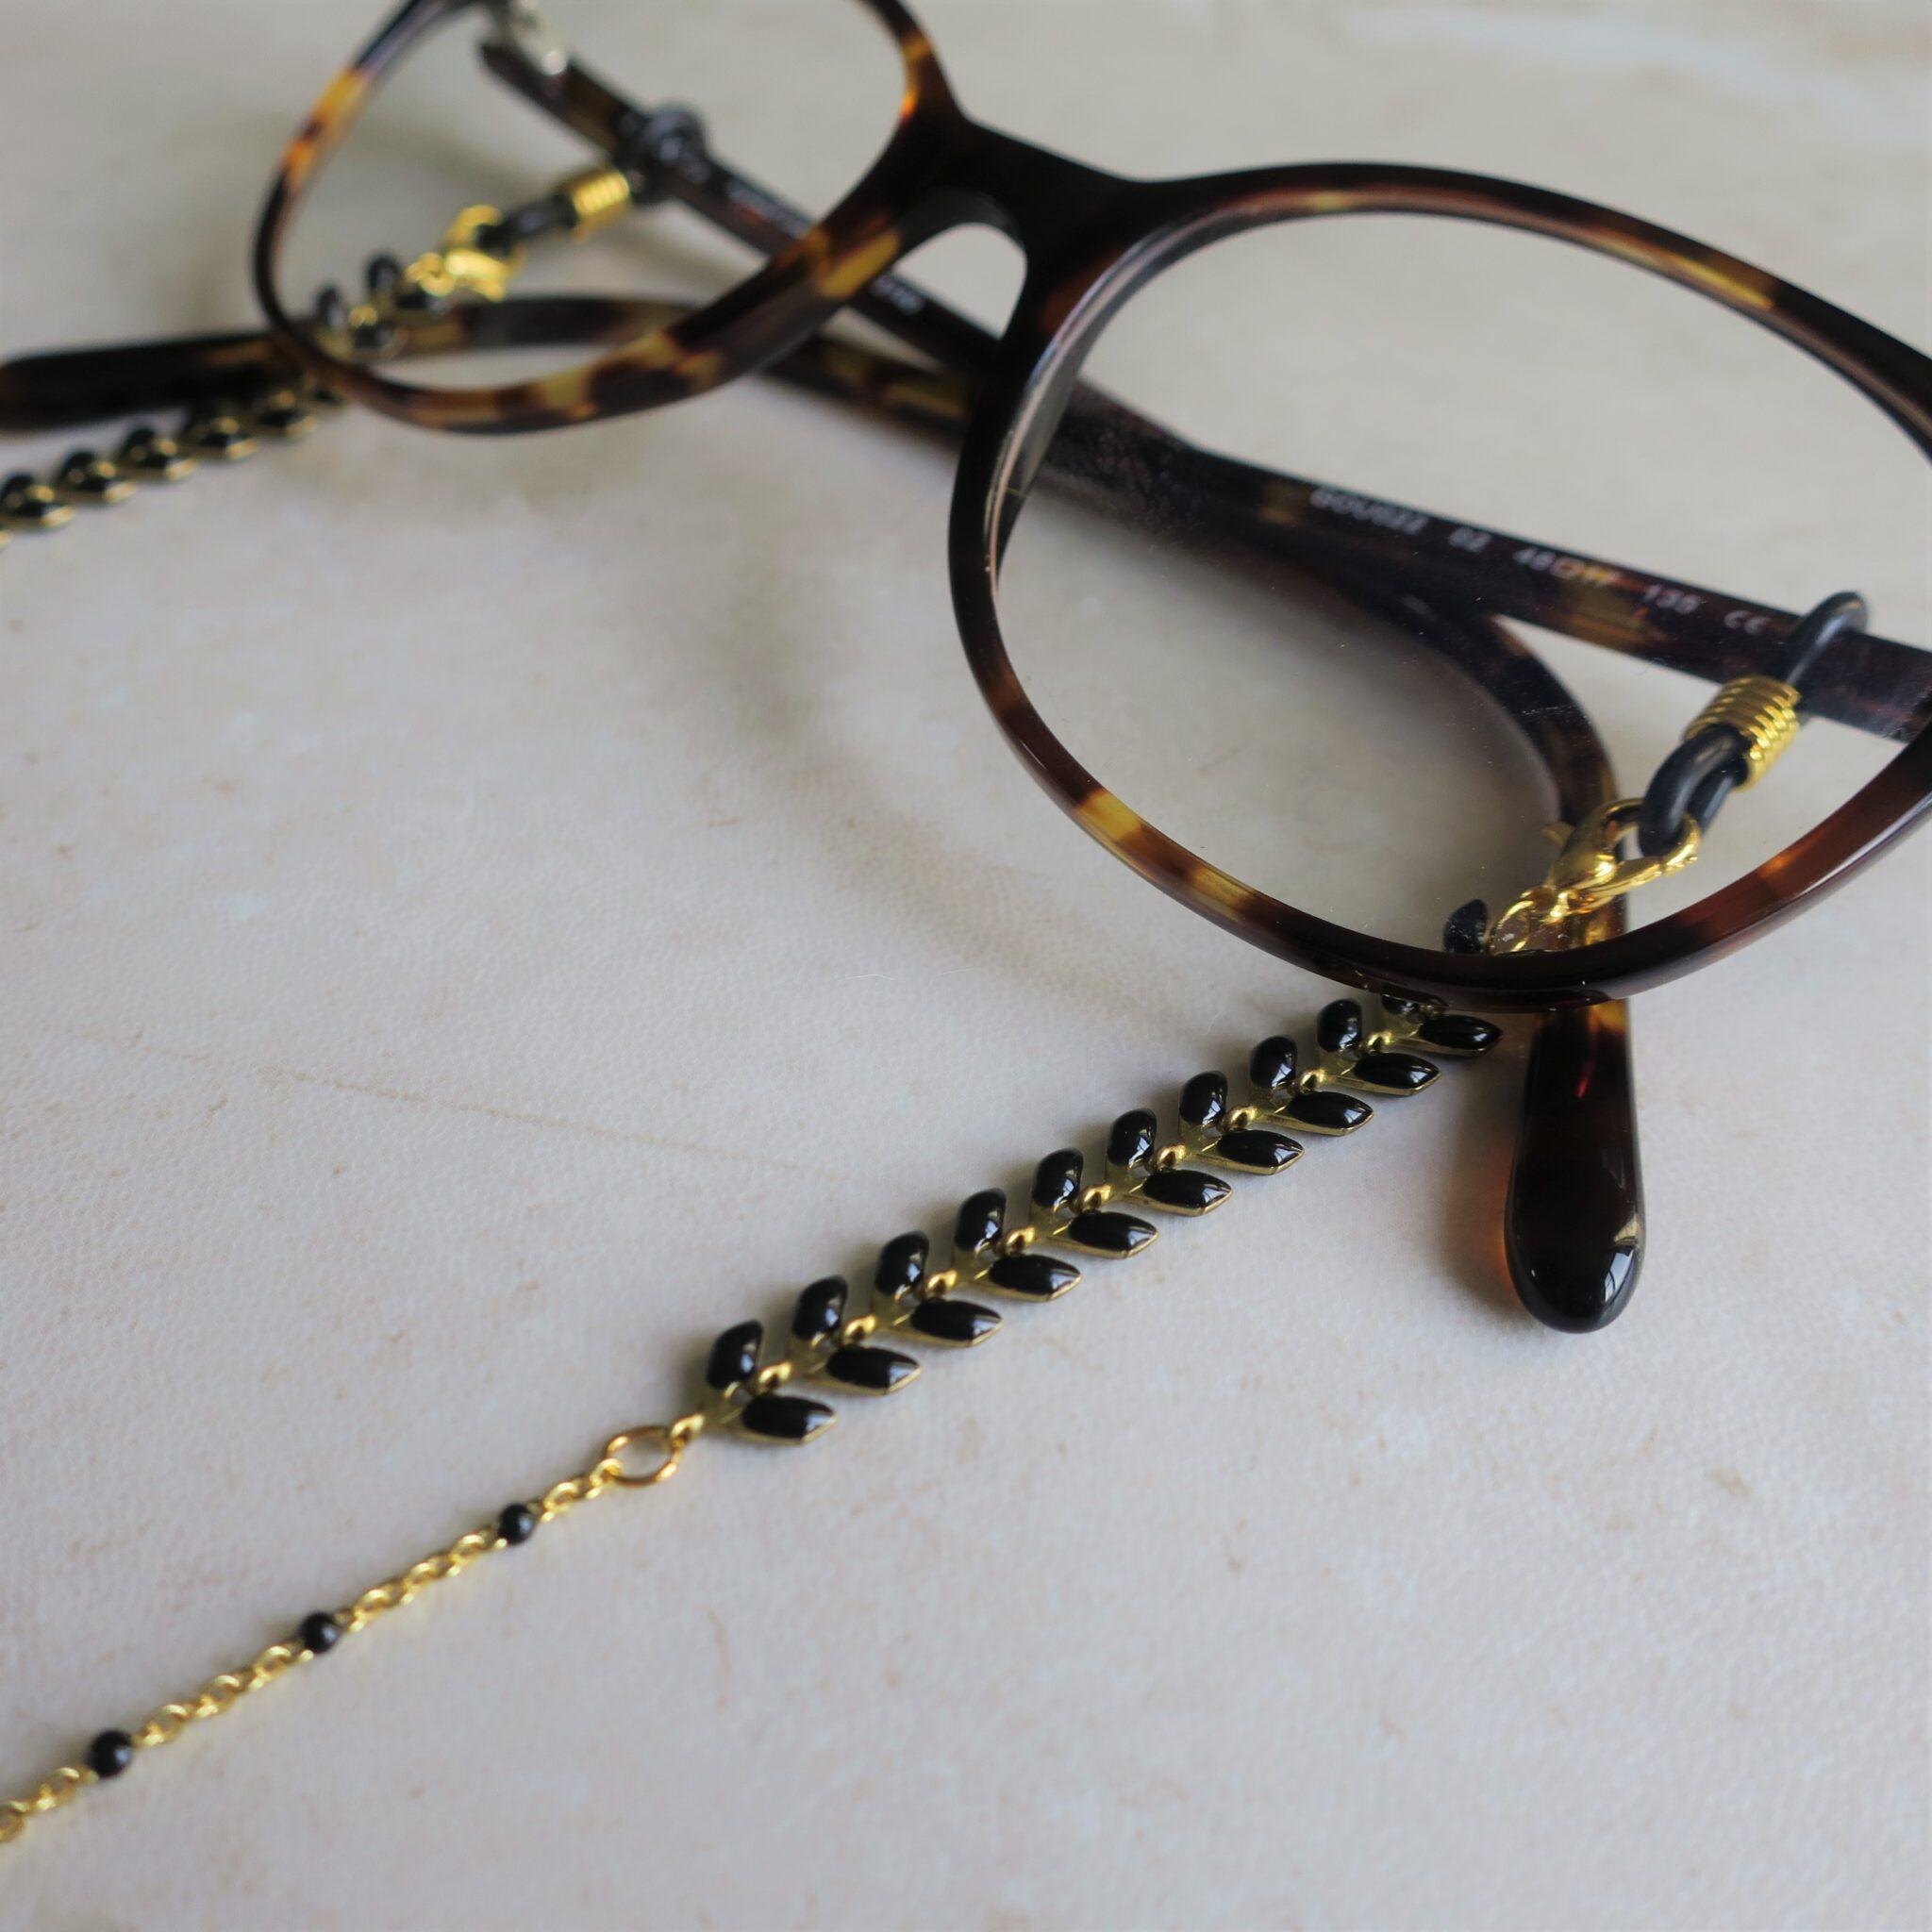 Cordon de lunettes fantaisie doré et noir